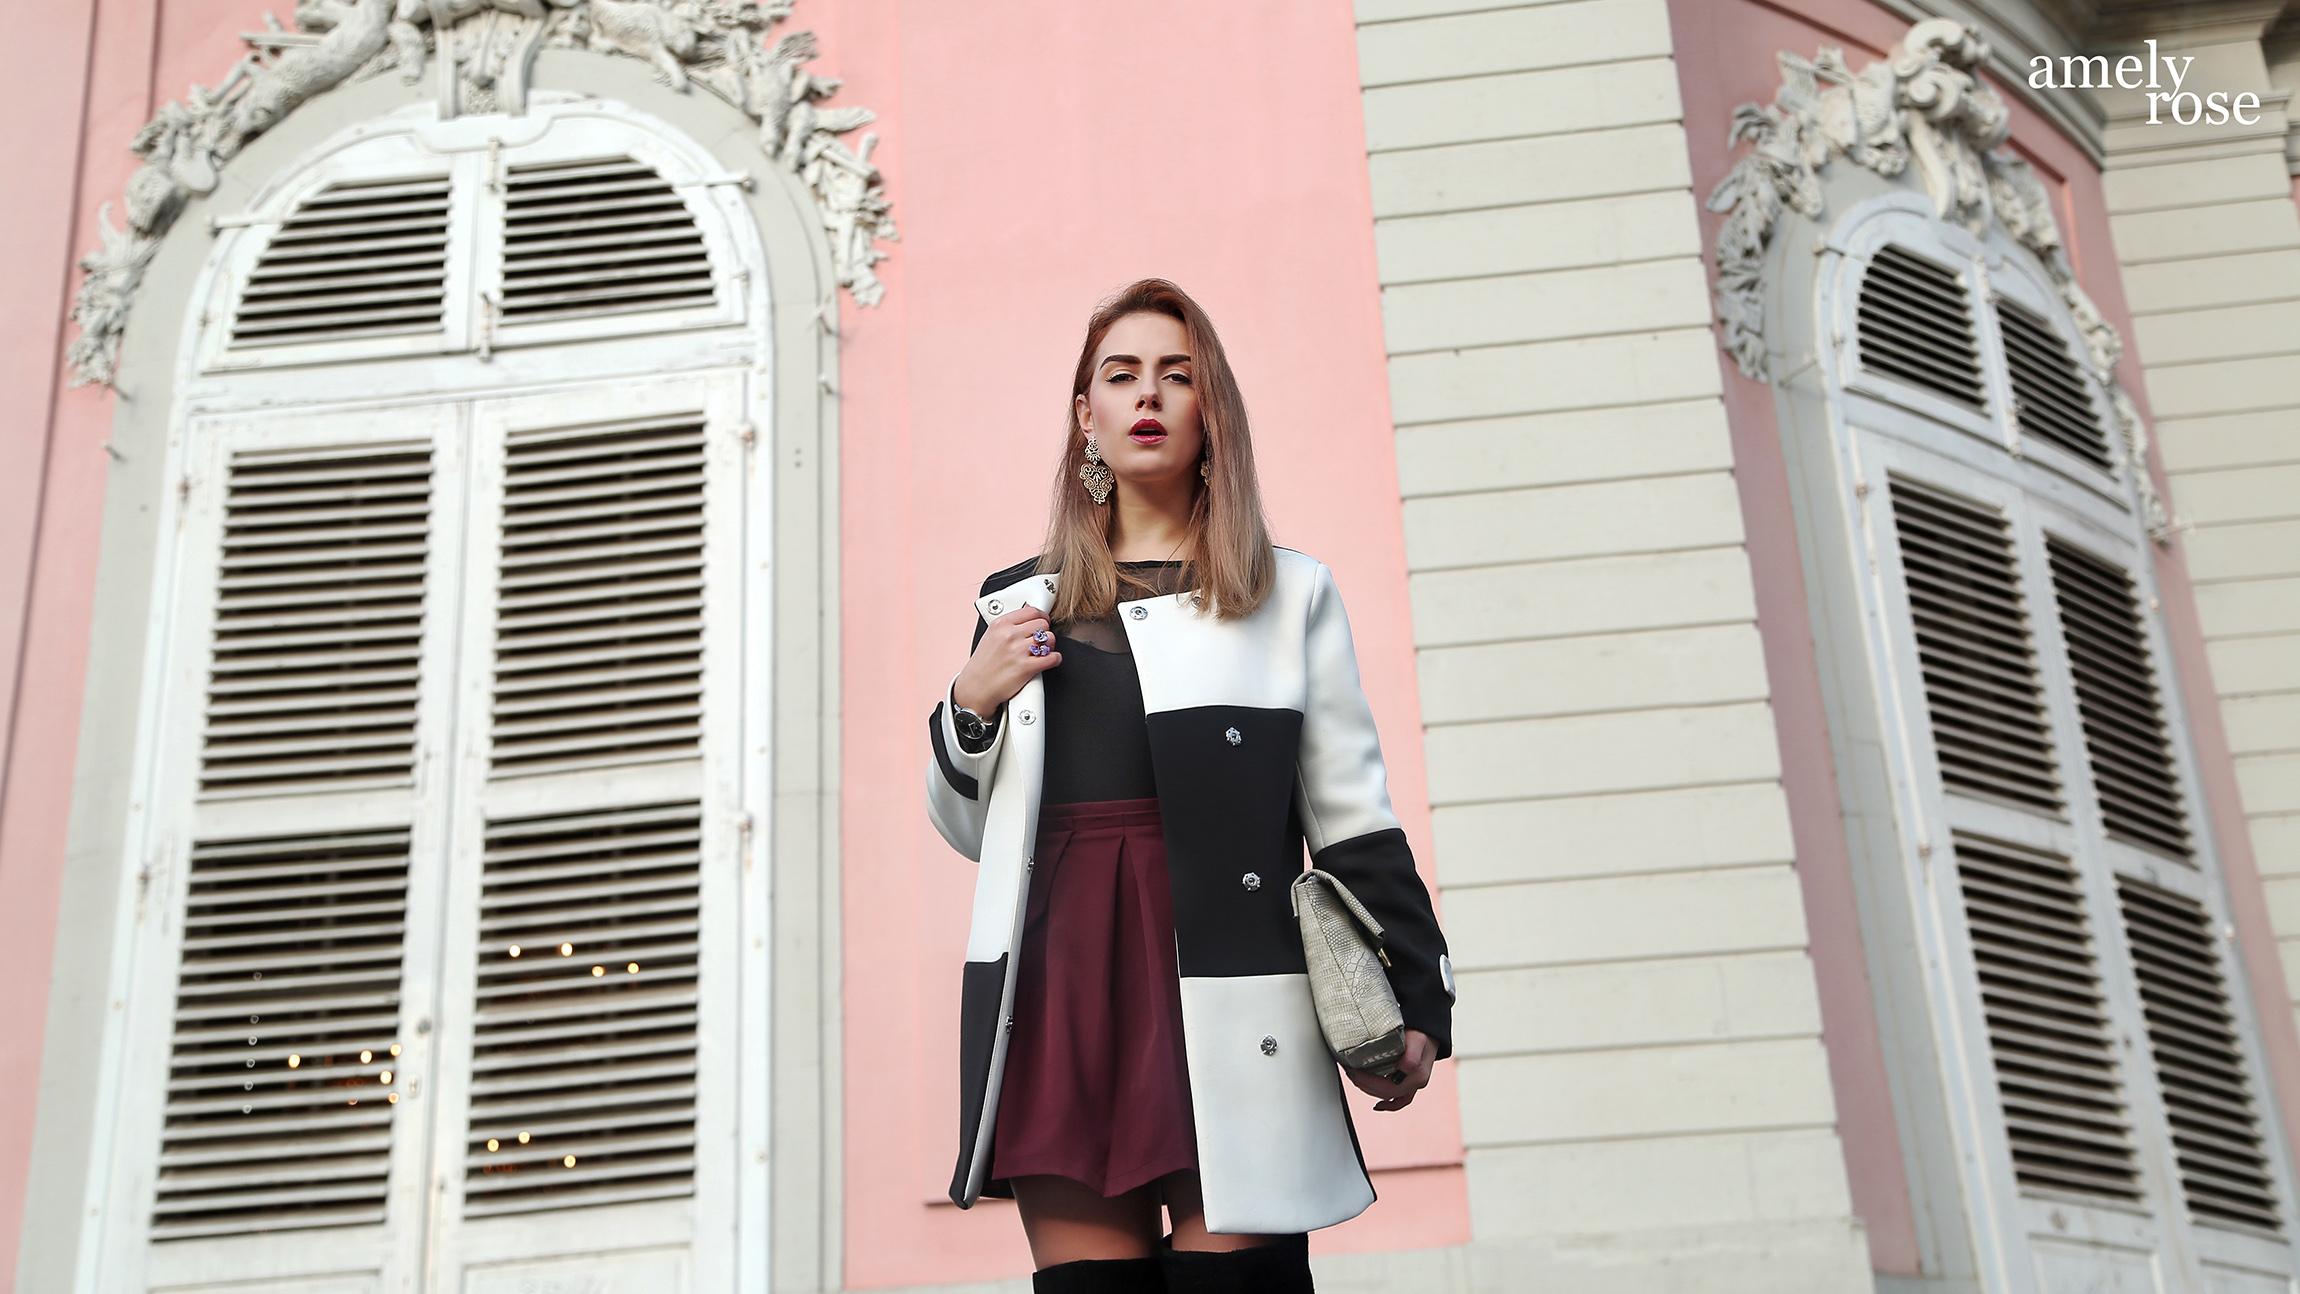 amely rose, amely, rose, amelyrose, blogtipp, wieso dein blog nicht erfolgreich ist, pinkes schloss, realtalk, benrath, fashionista, sommerlook und overkneeboots